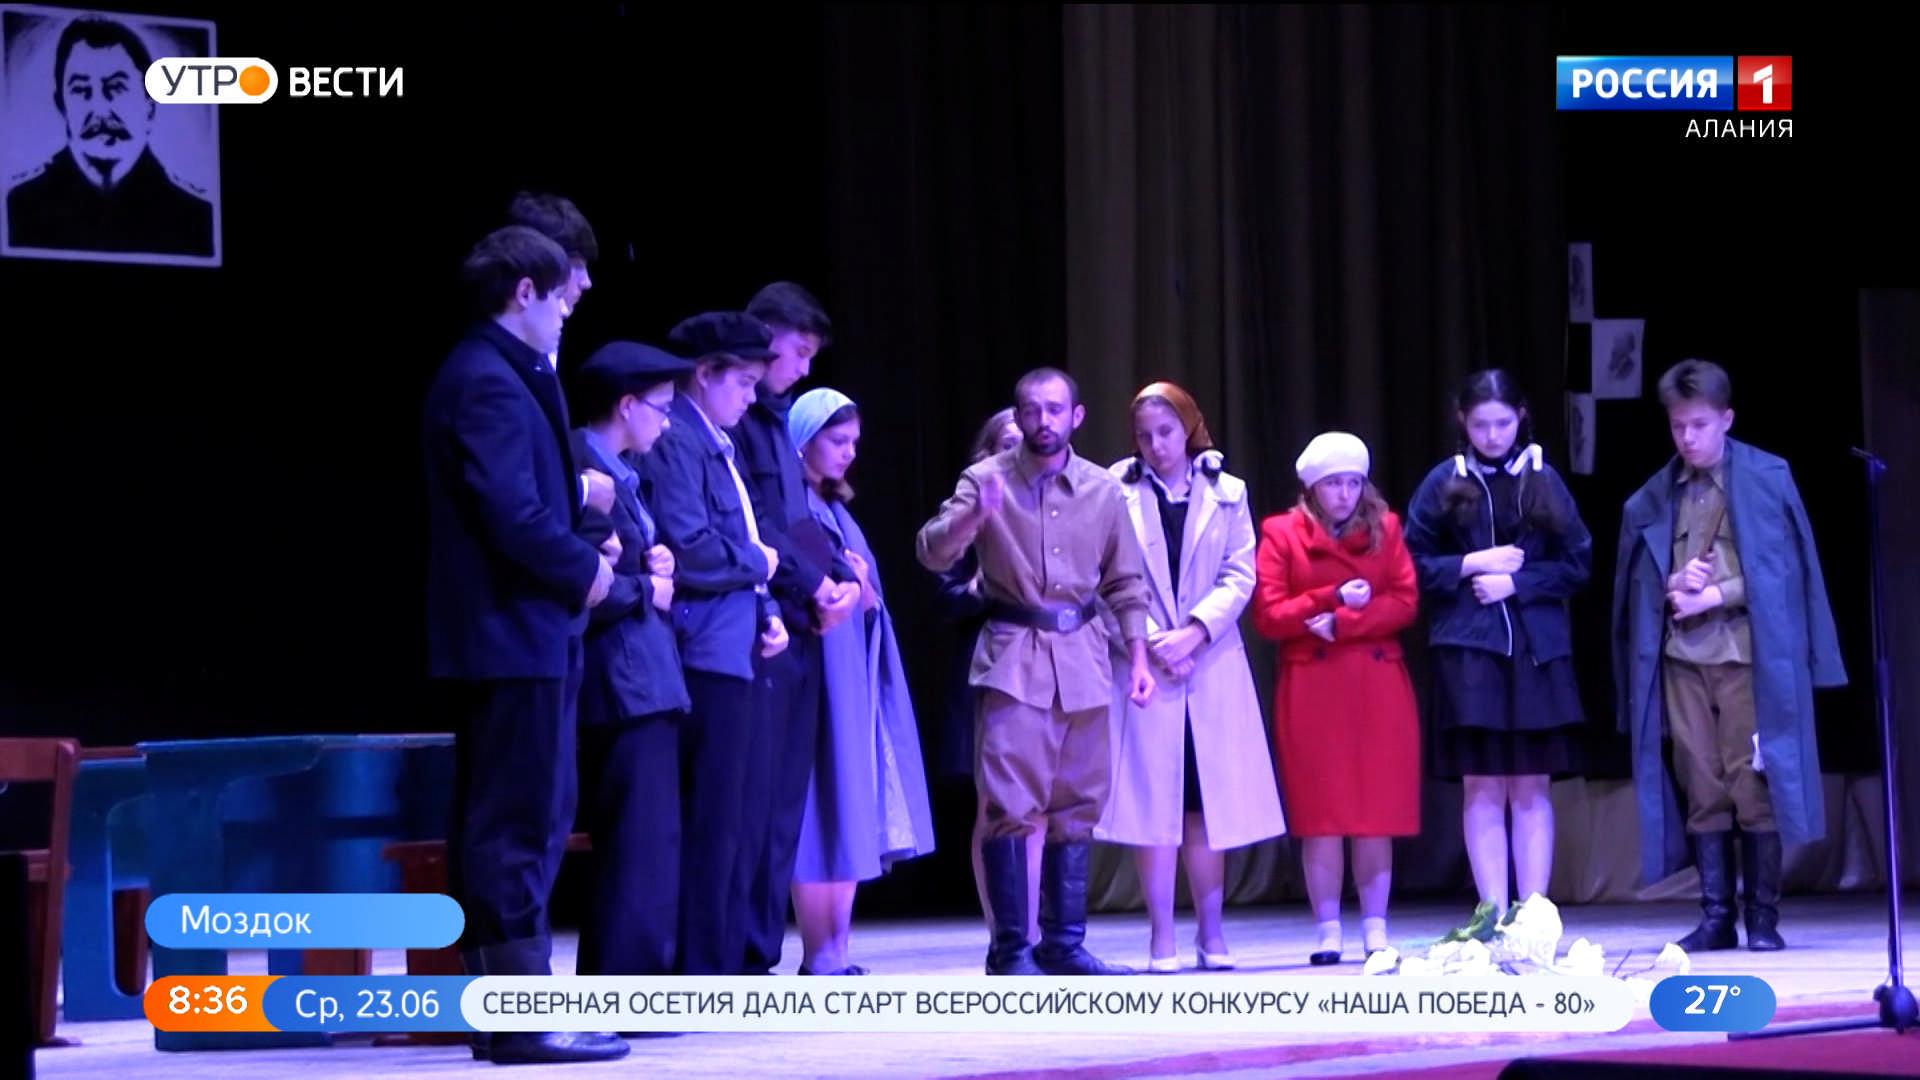 Народный театр Моздокского района стал победителем фестиваля «Театральная весна»